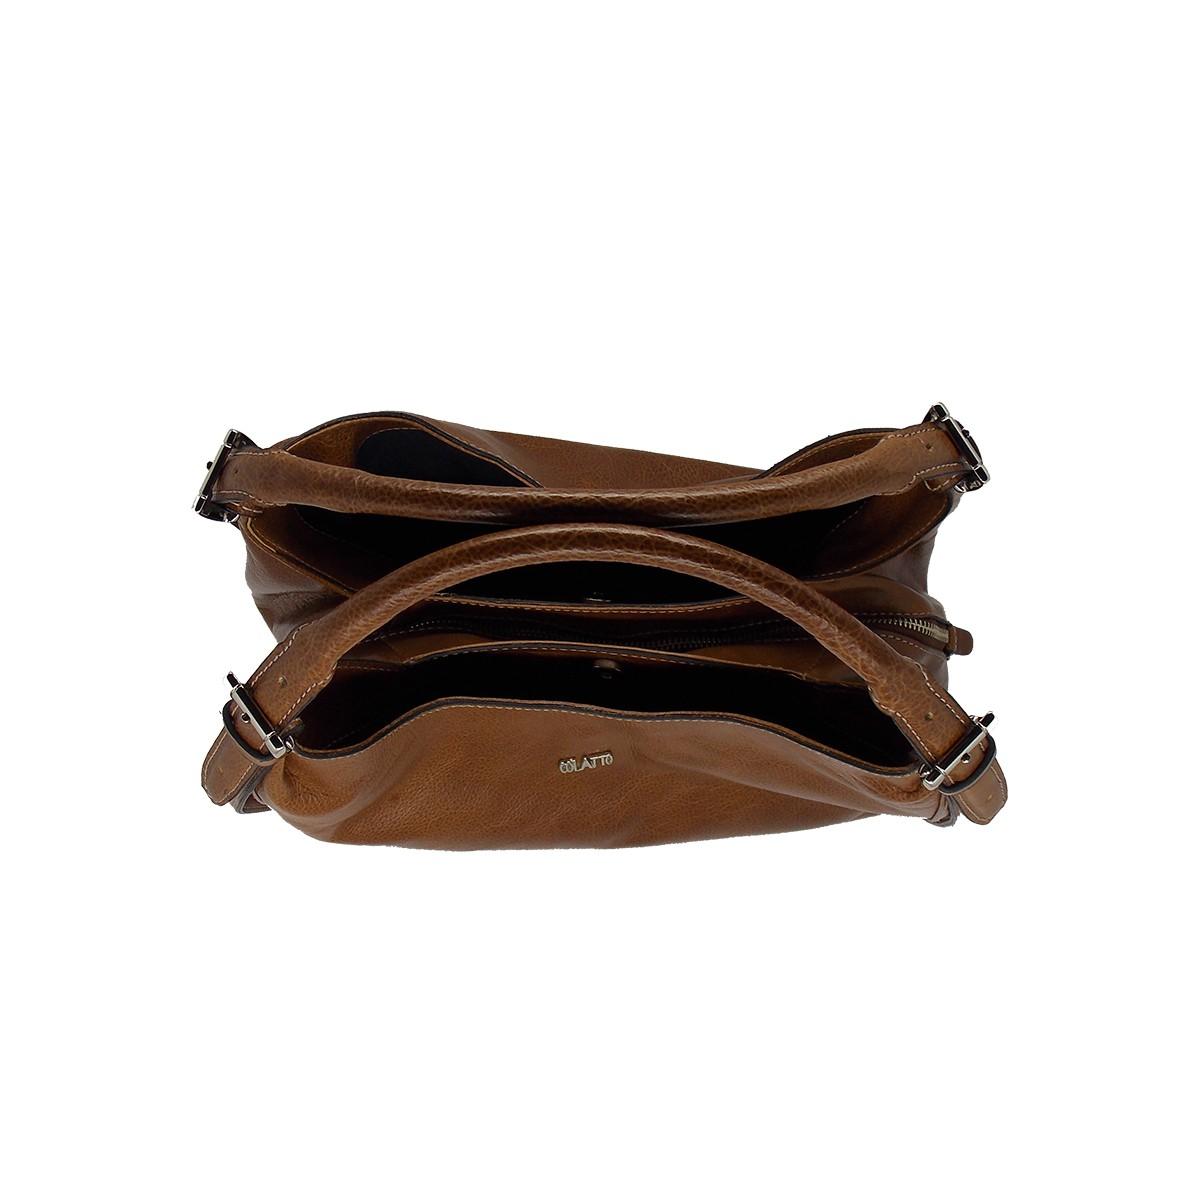 Bolsa Clássica com três divisões de Couro Havana - Colatto